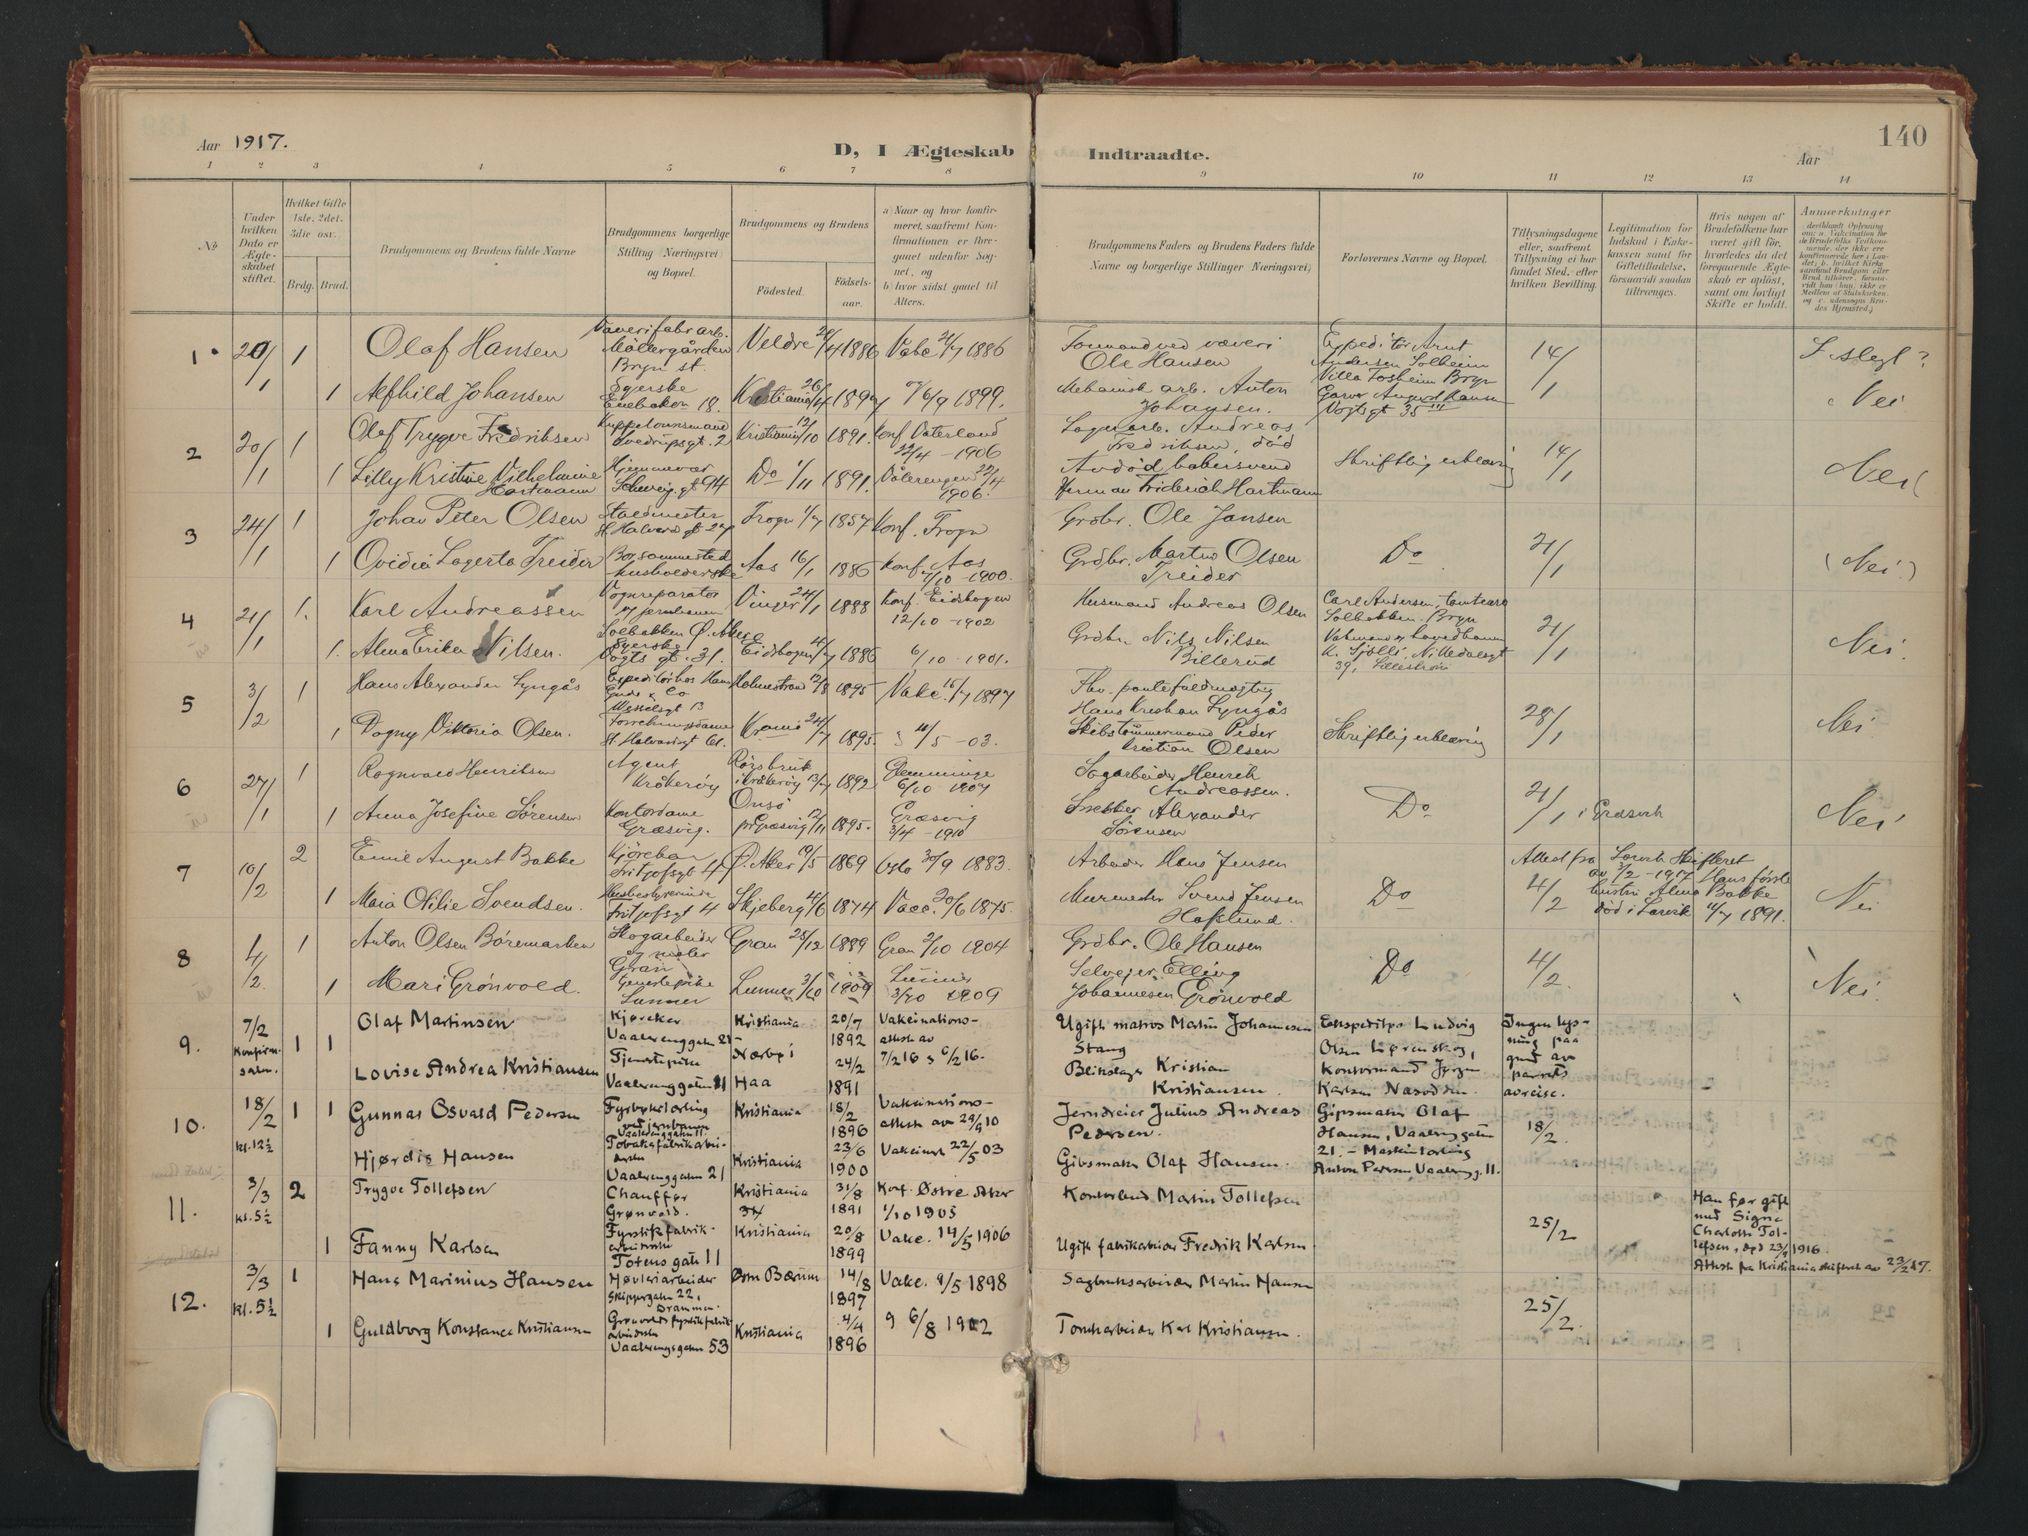 SAO, Vålerengen prestekontor Kirkebøker, F/Fa/L0002: Ministerialbok nr. 2, 1899-1924, s. 140